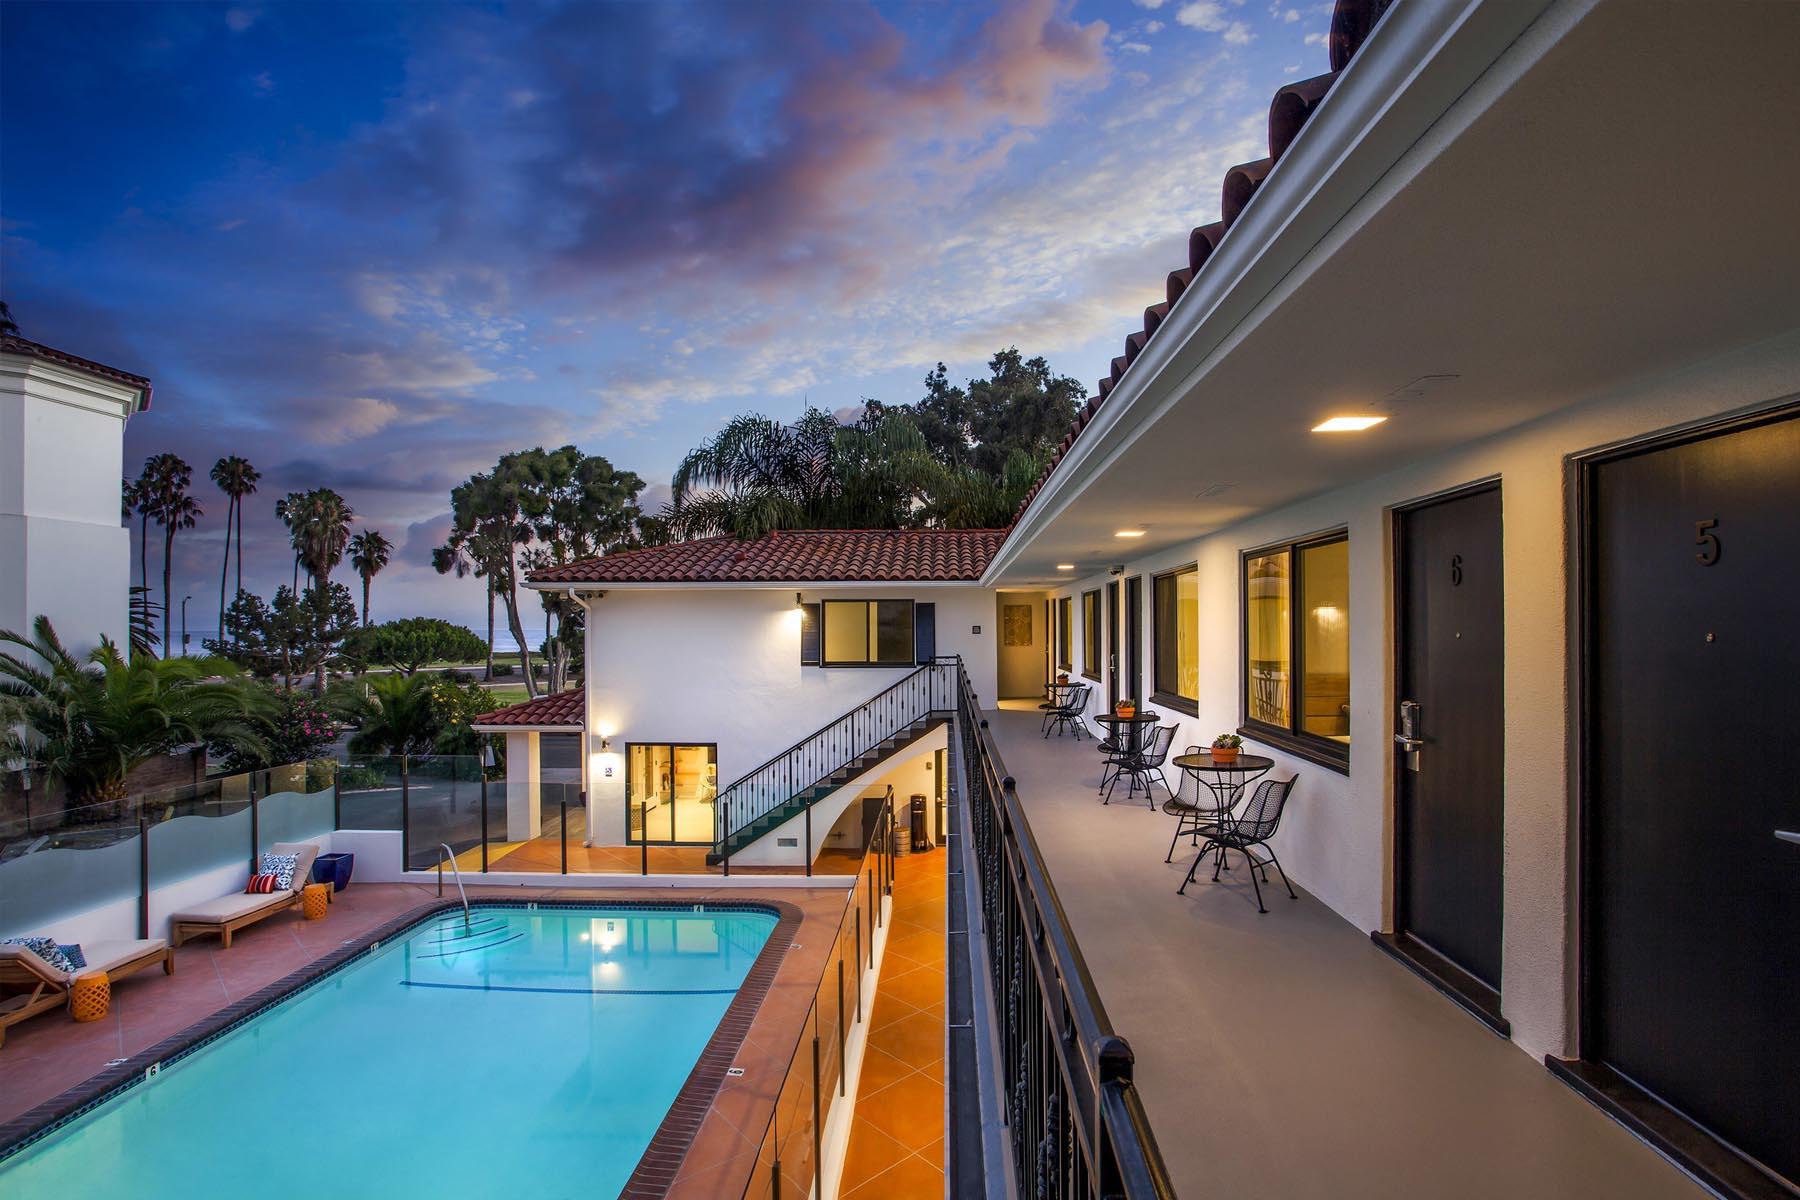 Blue Sands inn pool